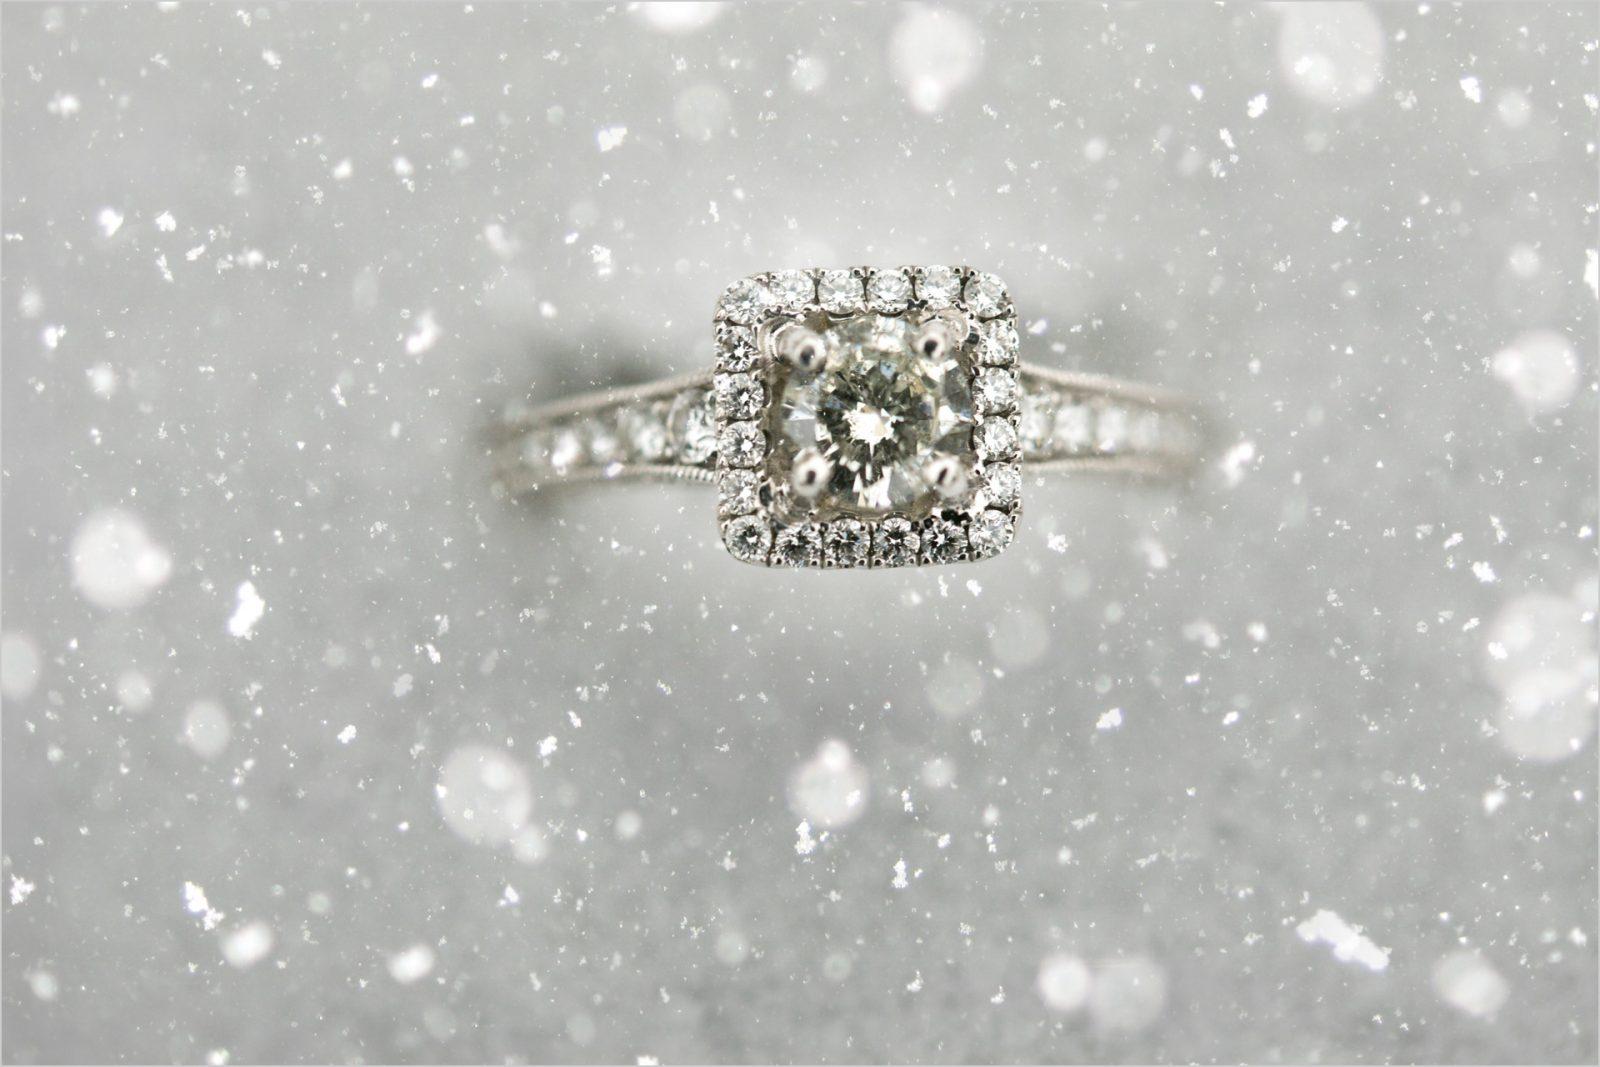 Ault Park Snow Engagement ring, Ault Park Cincinnati Engagement